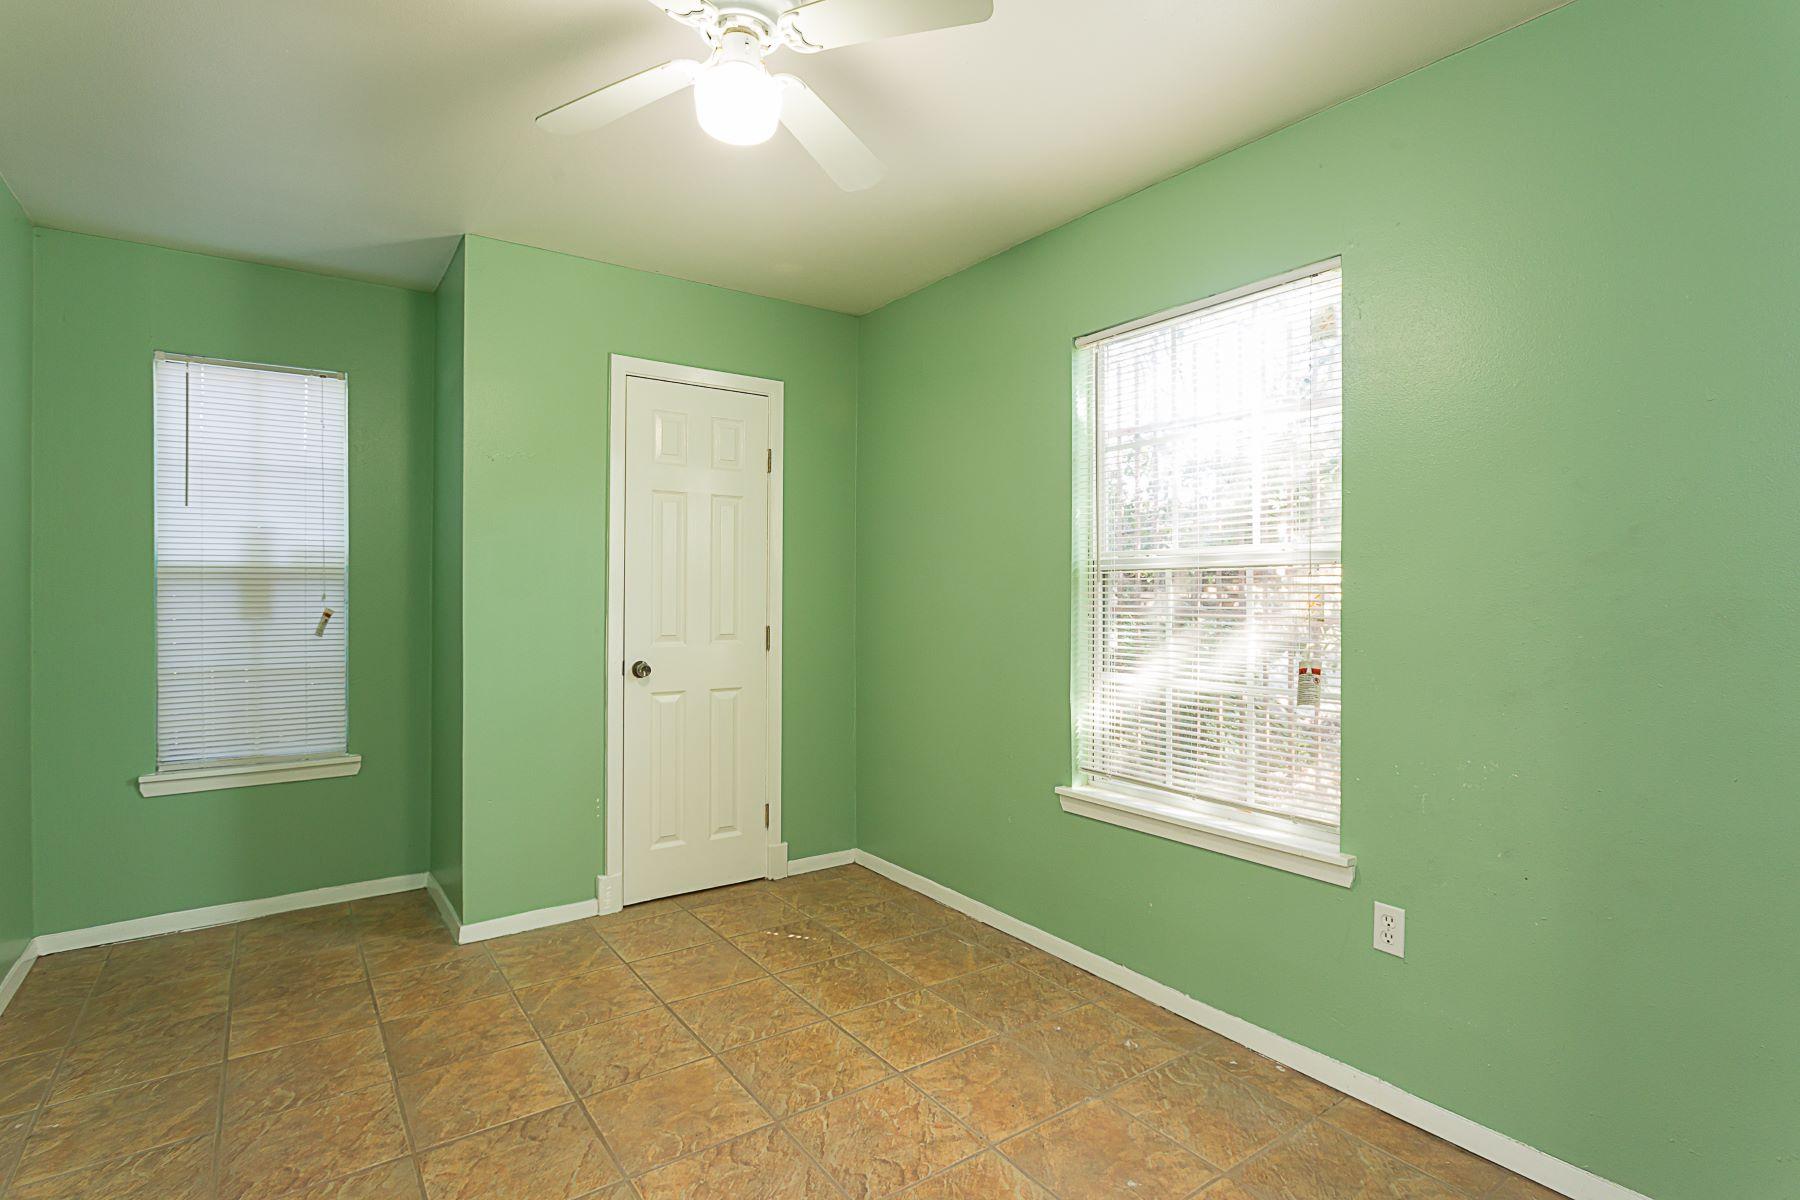 Duplex for Rent at Gullett Gardens Duplex 827 Gullett Street Austin, Texas 78702 United States